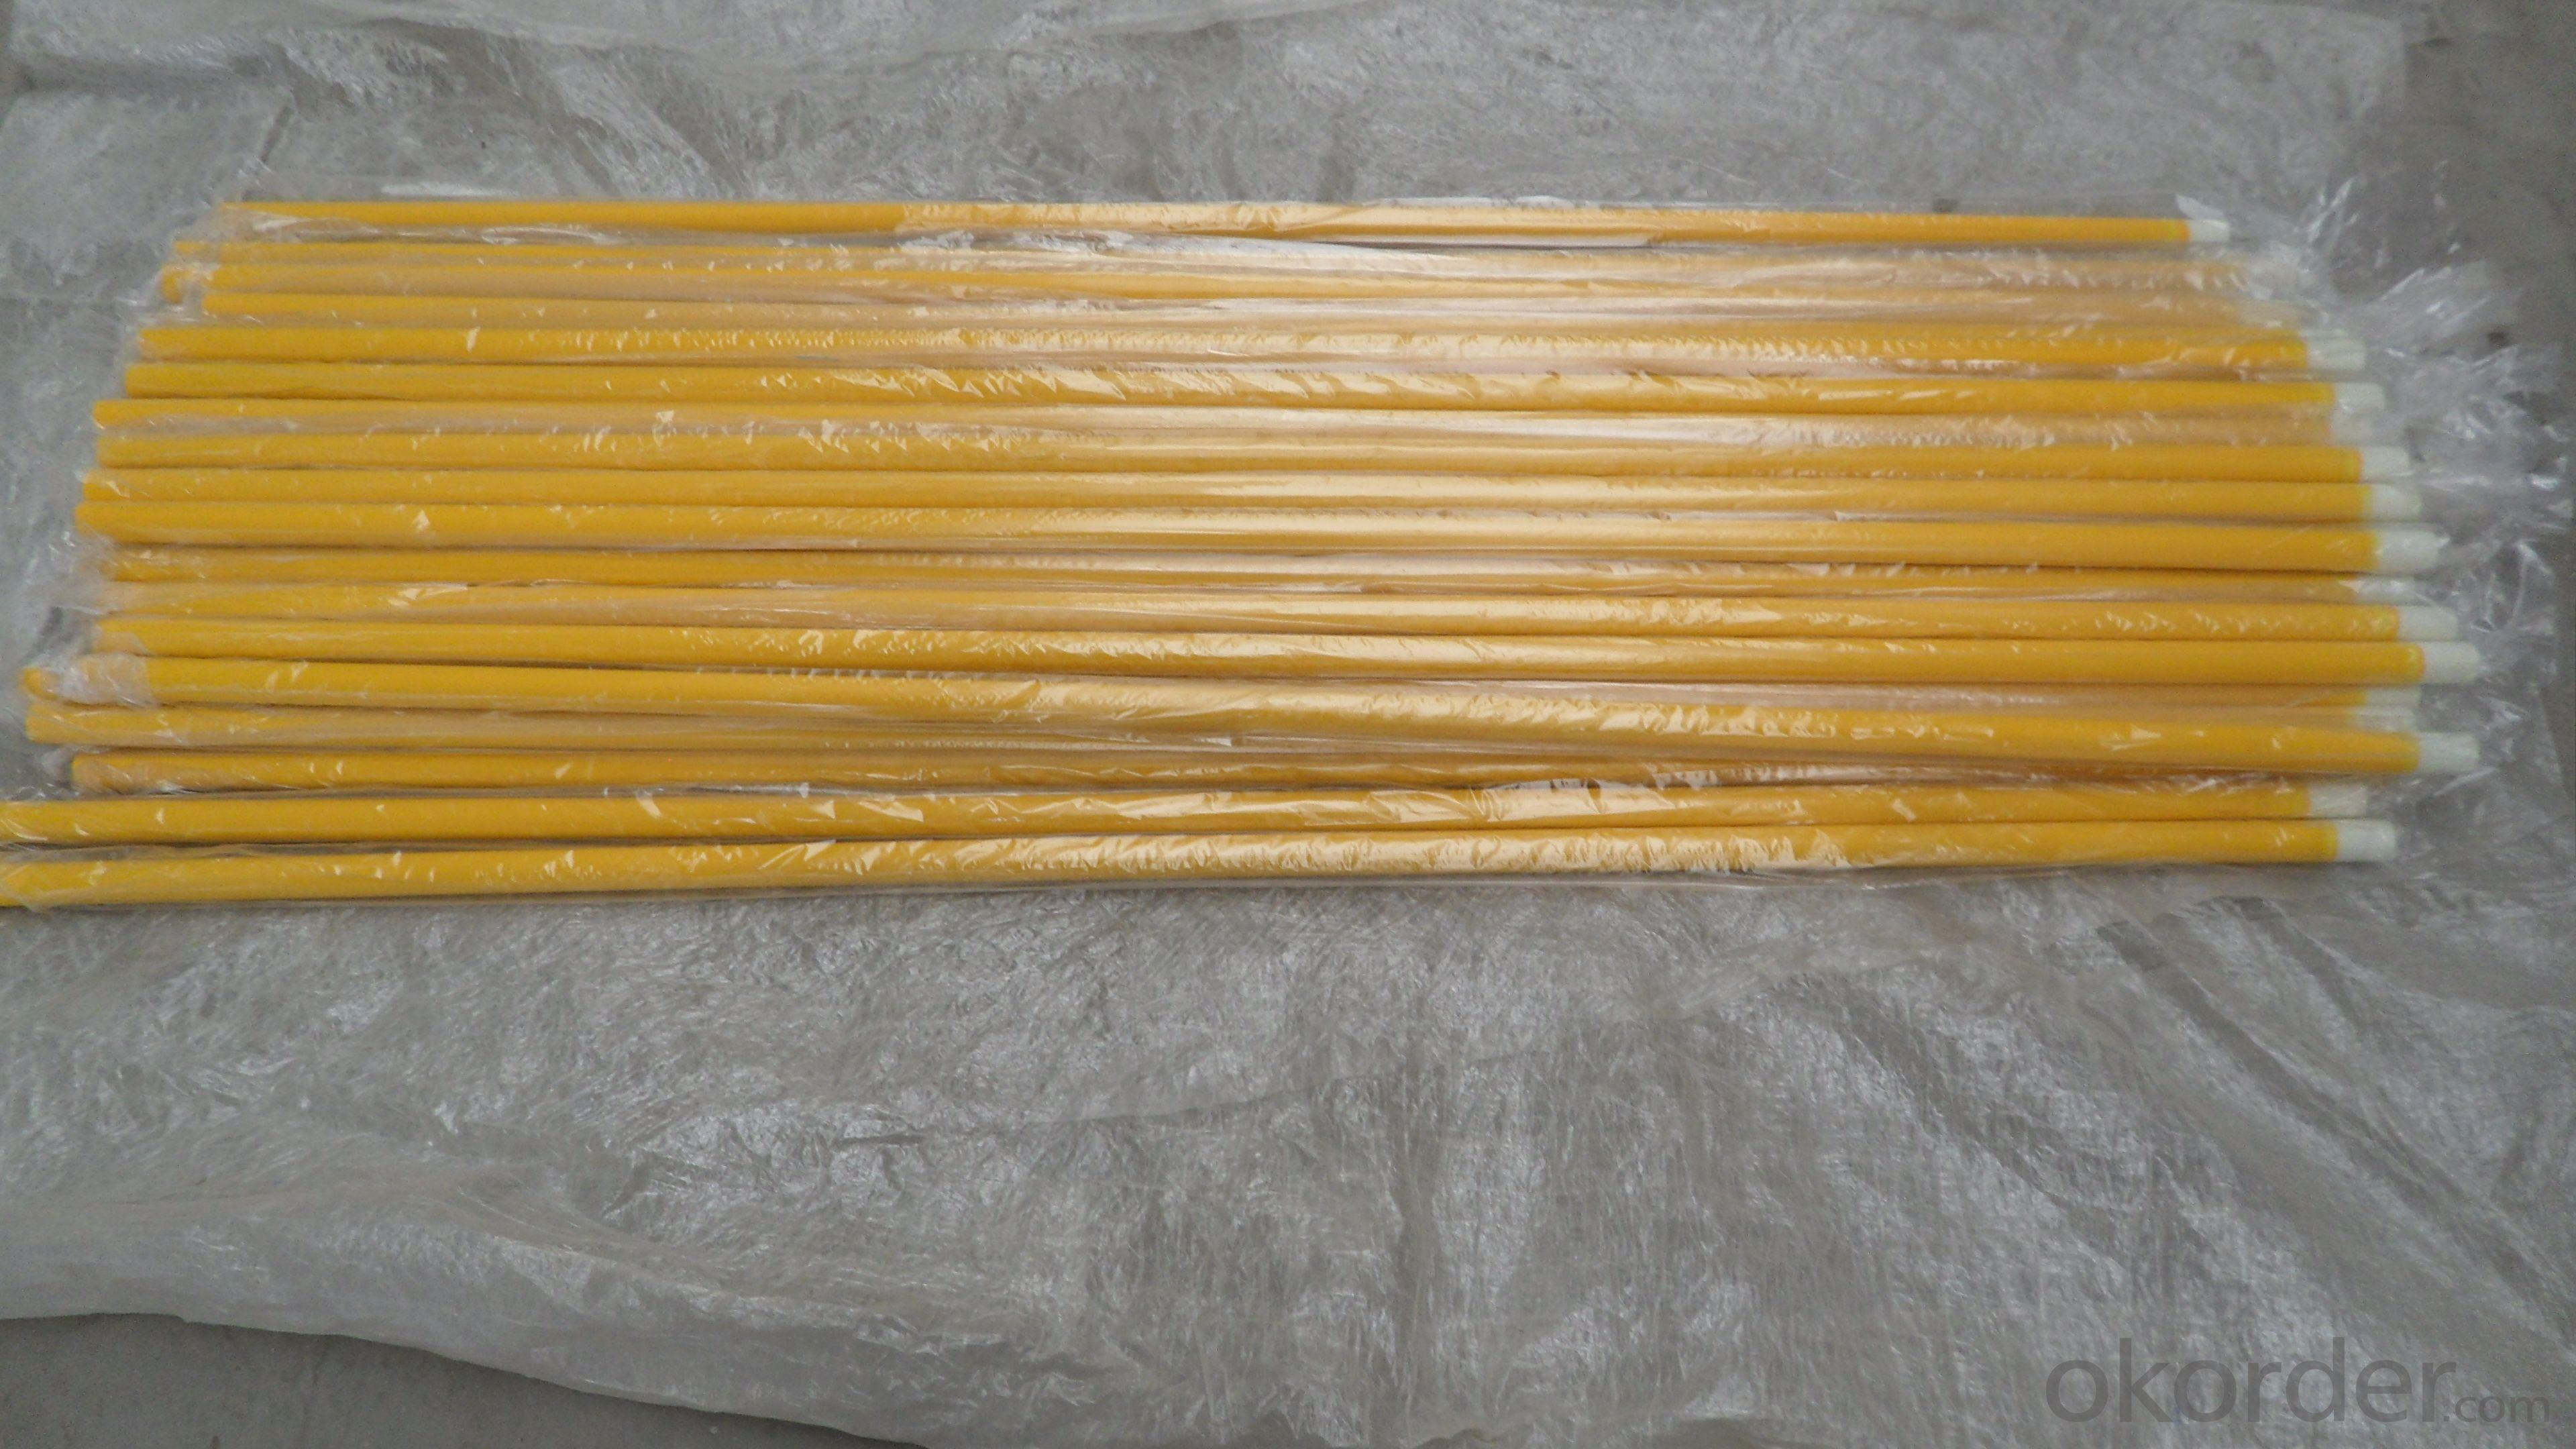 Fiberglass Shovel Handles with High Strength